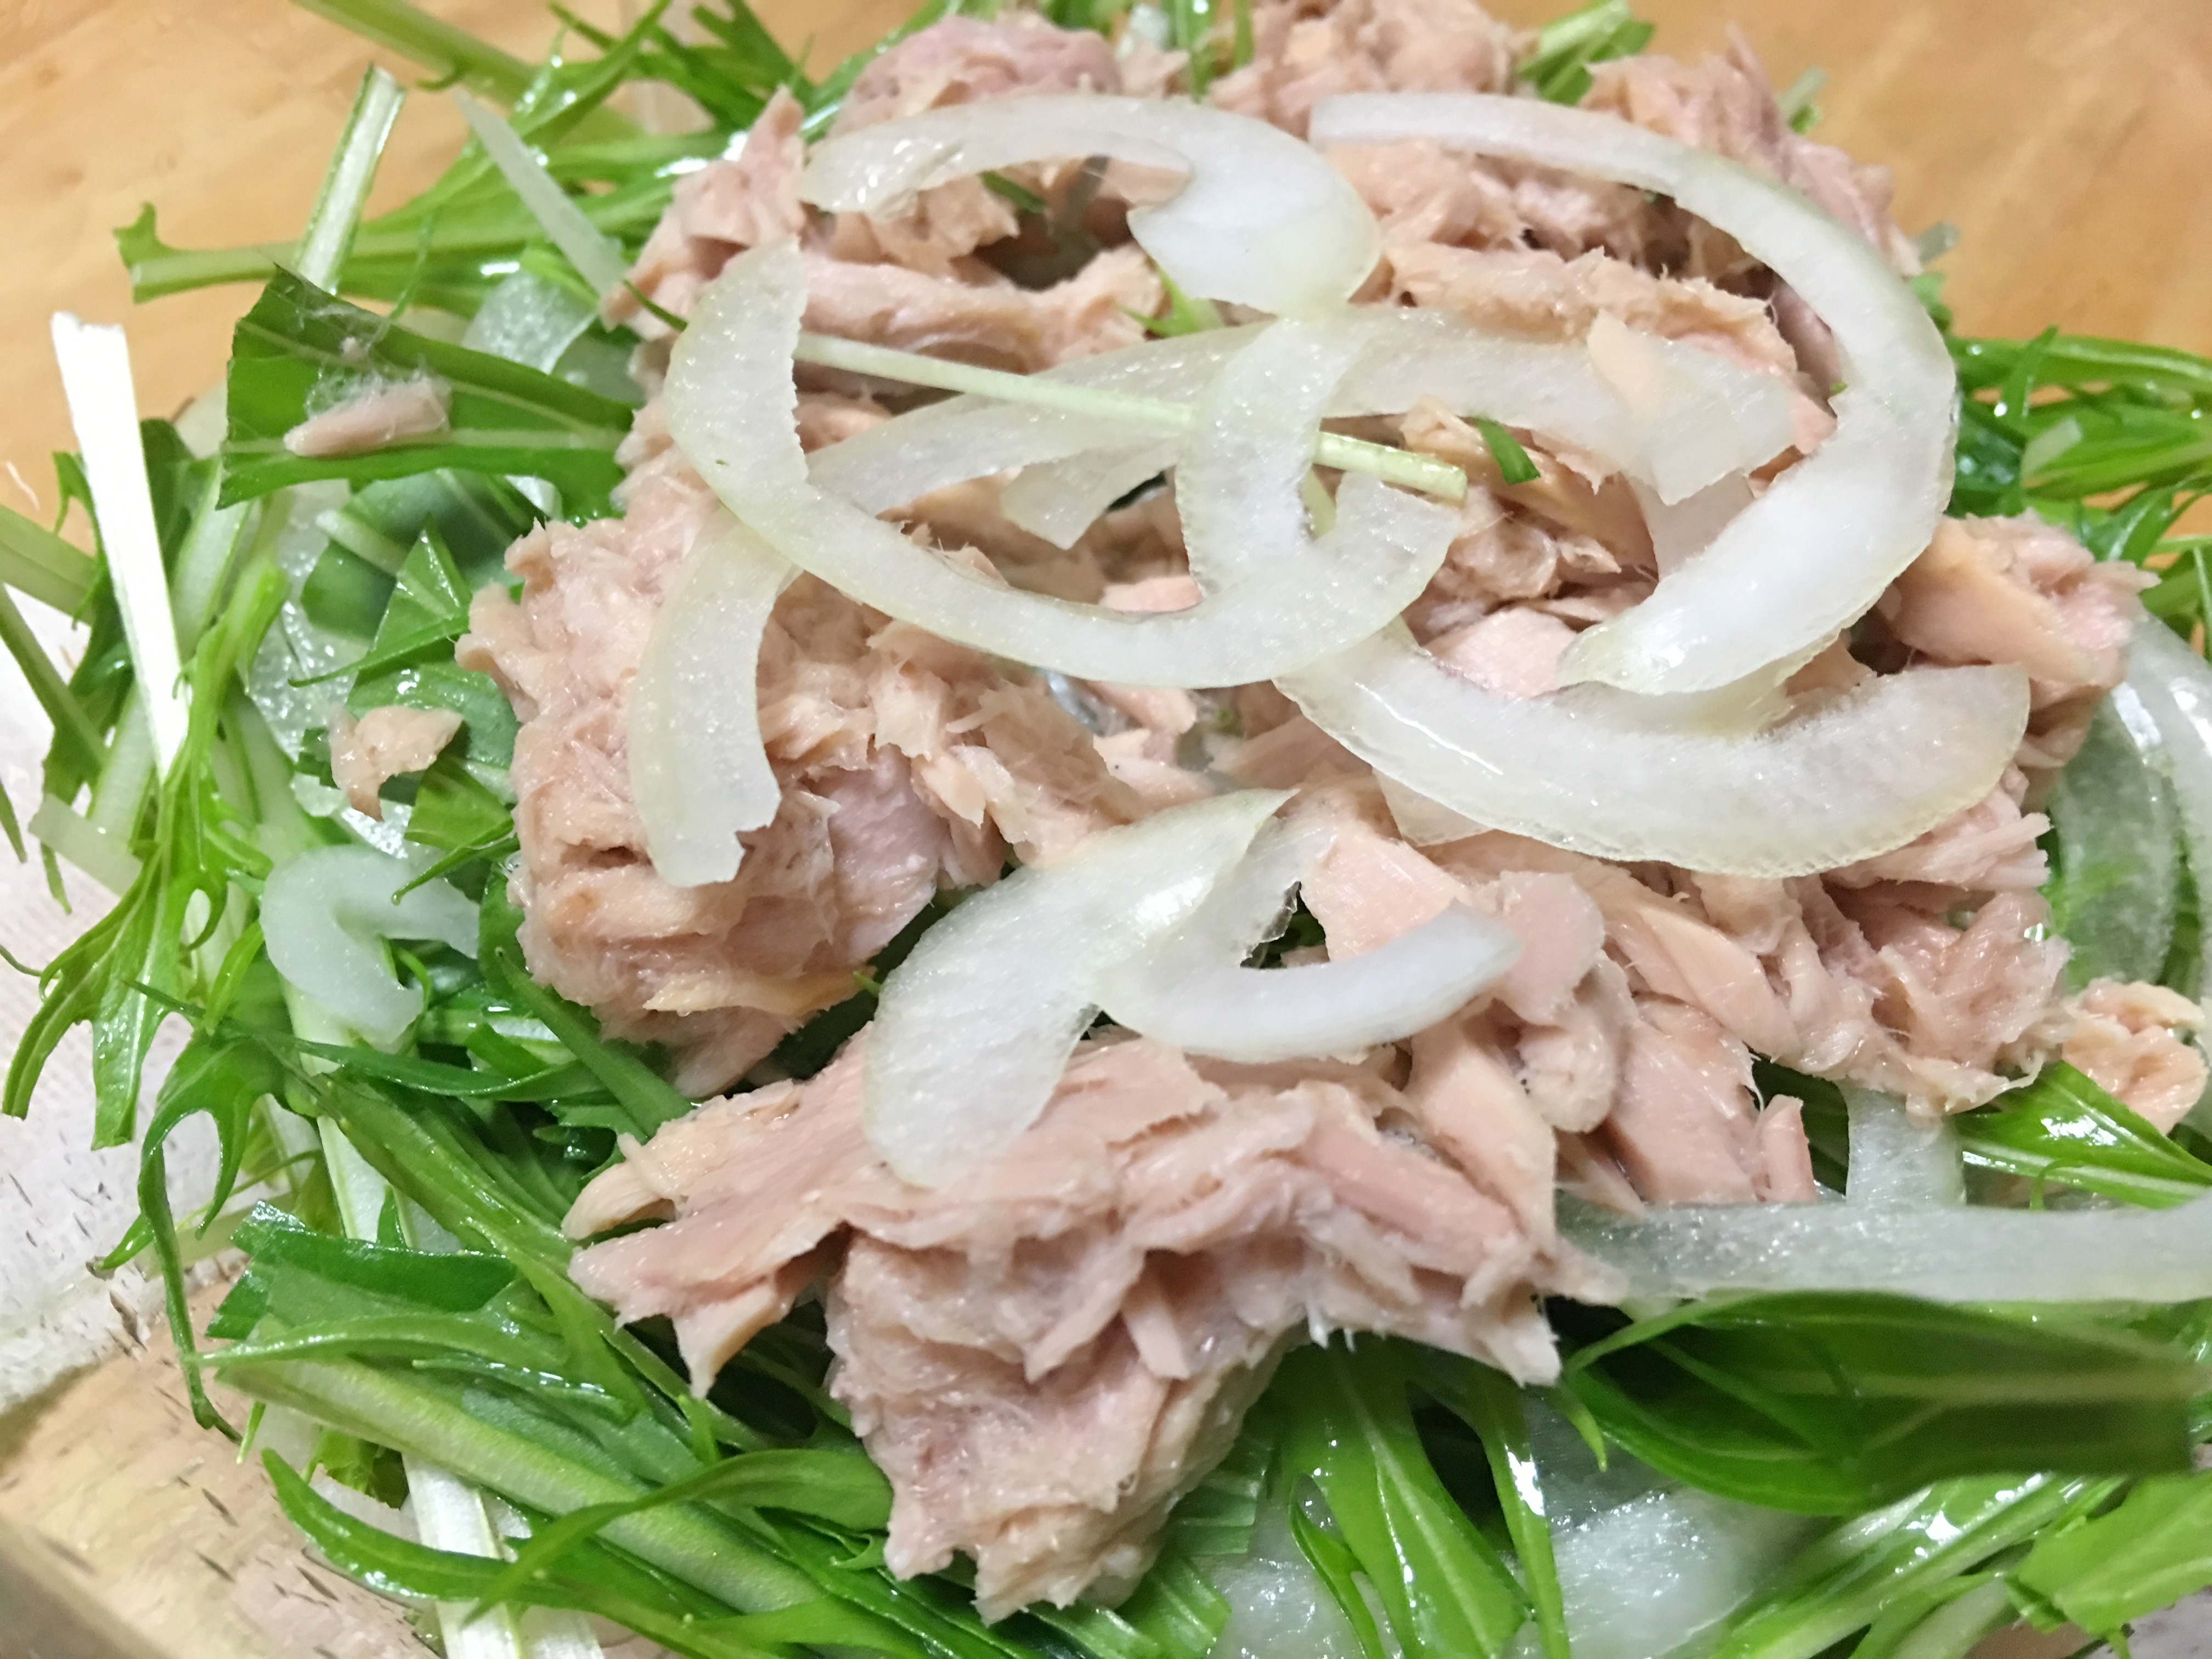 水菜のサラダの写真